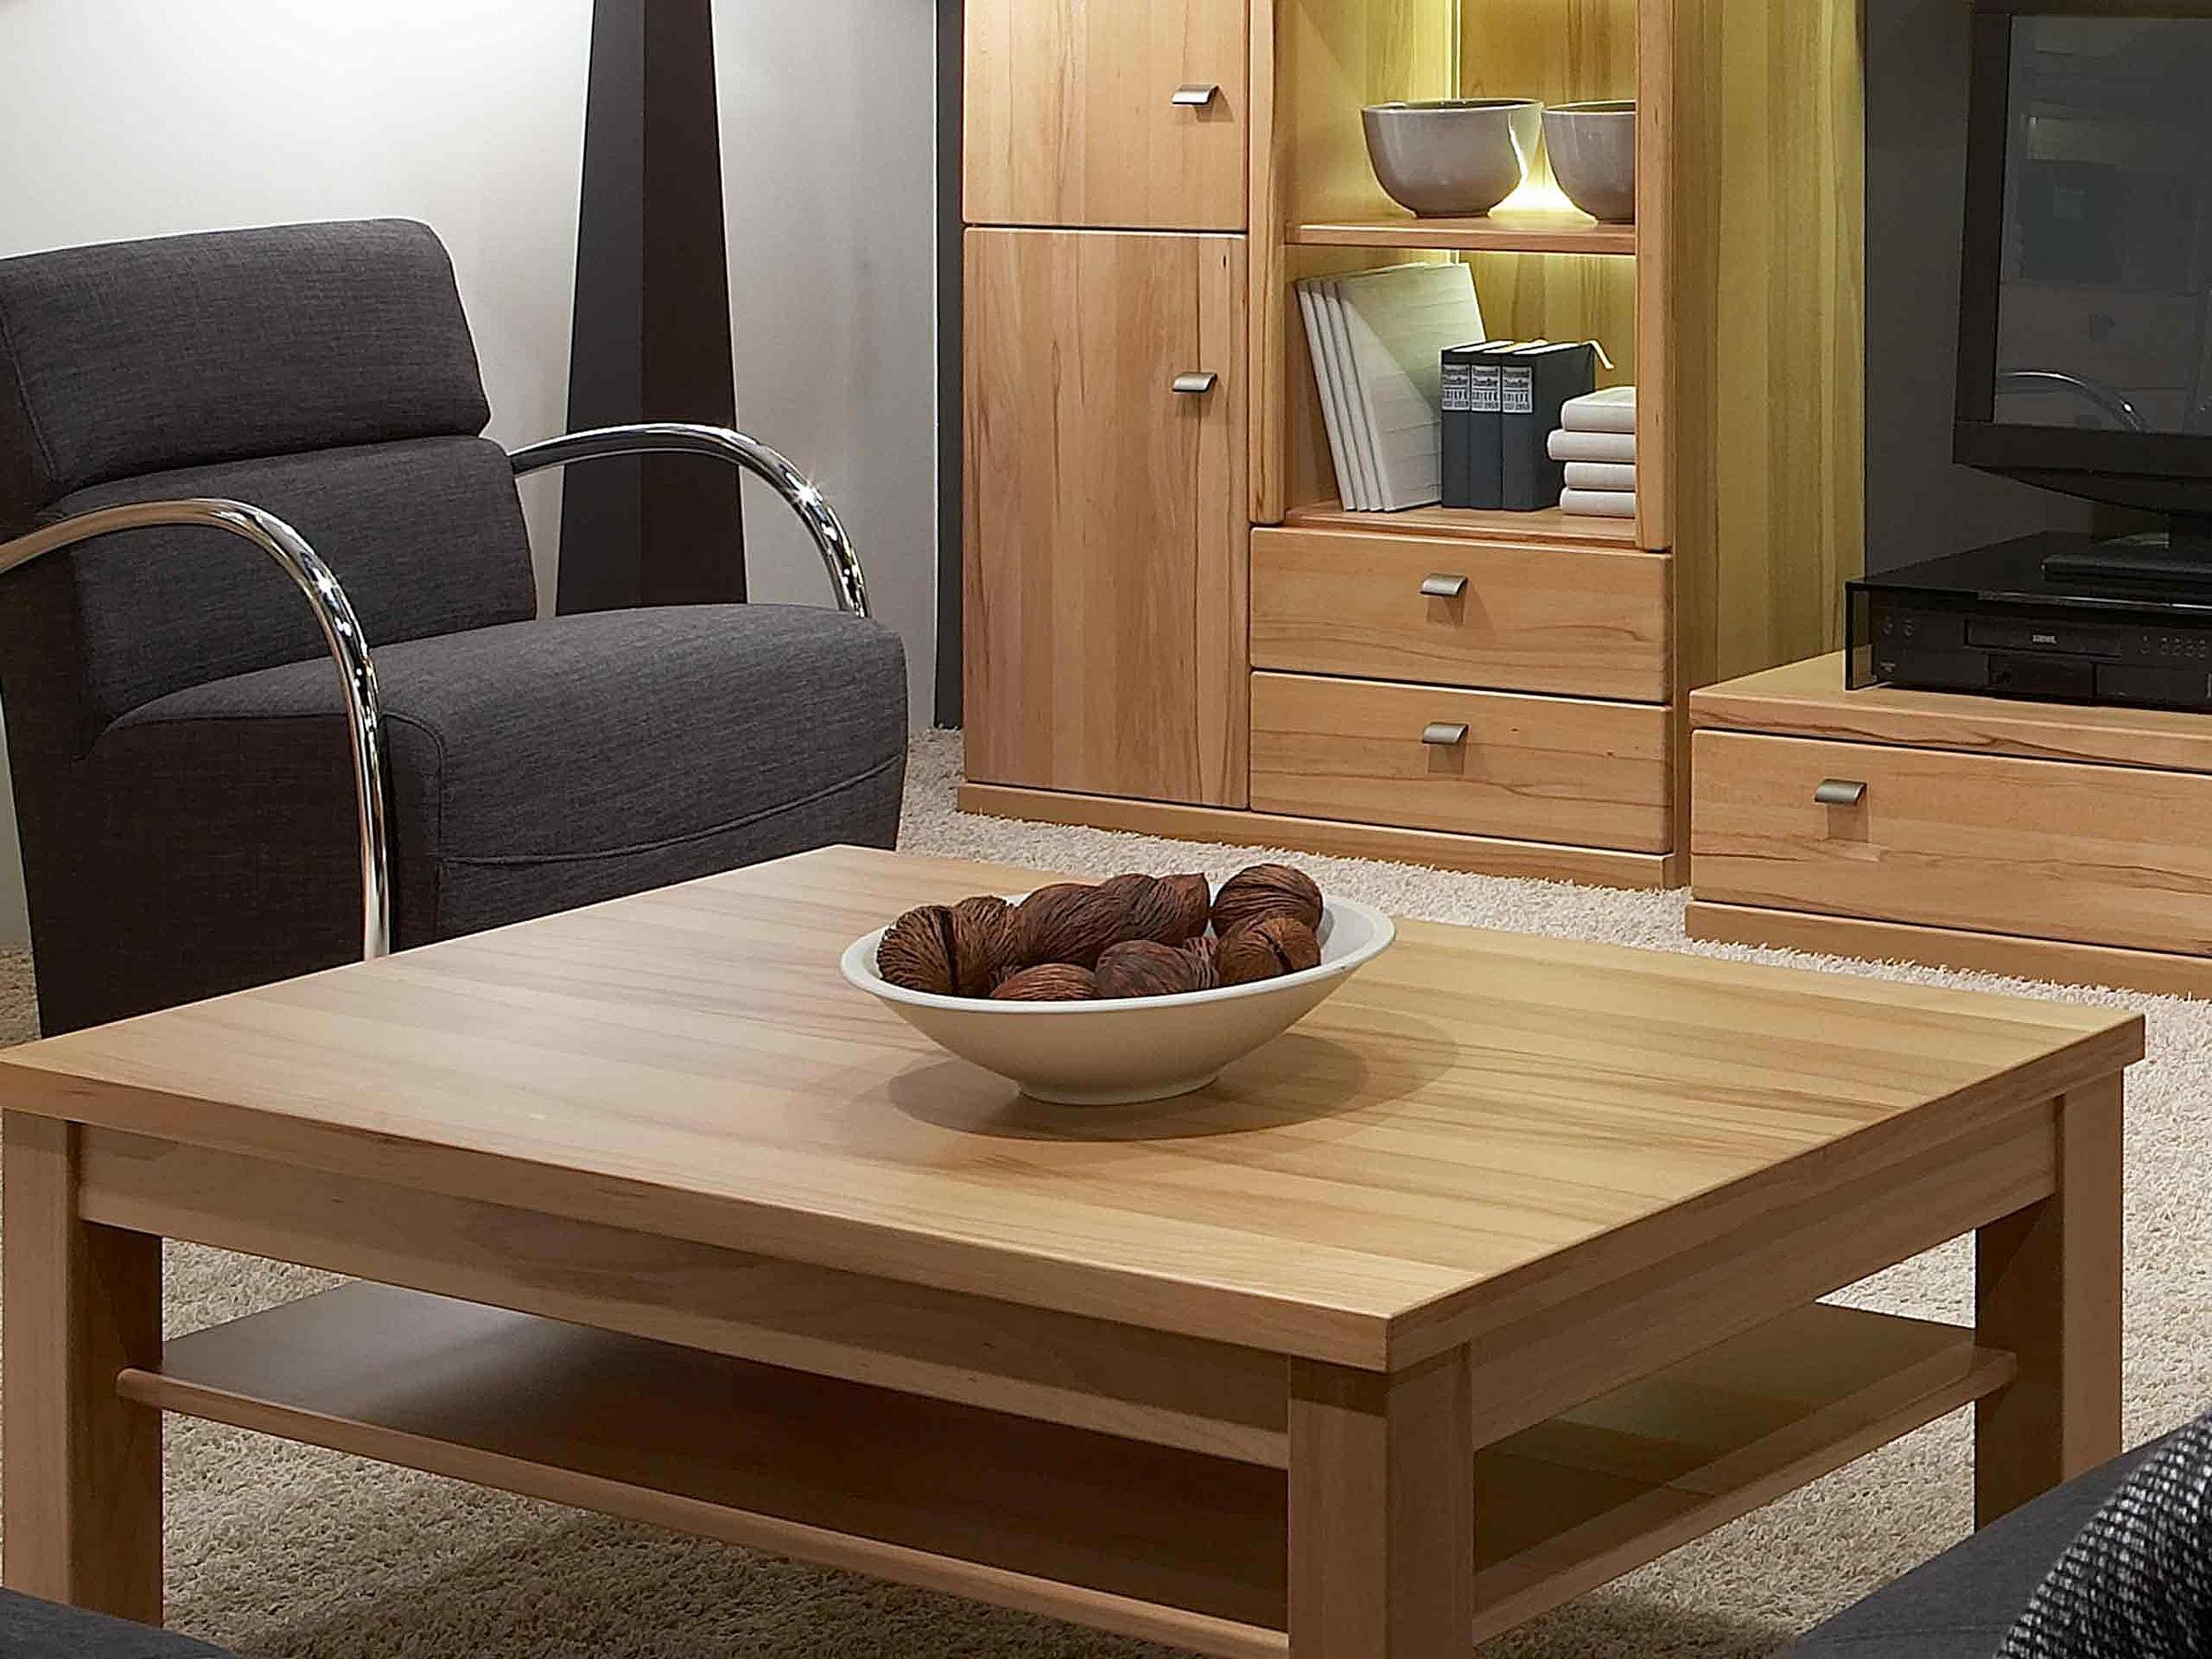 Couchtisch Wohnzimmer Cento